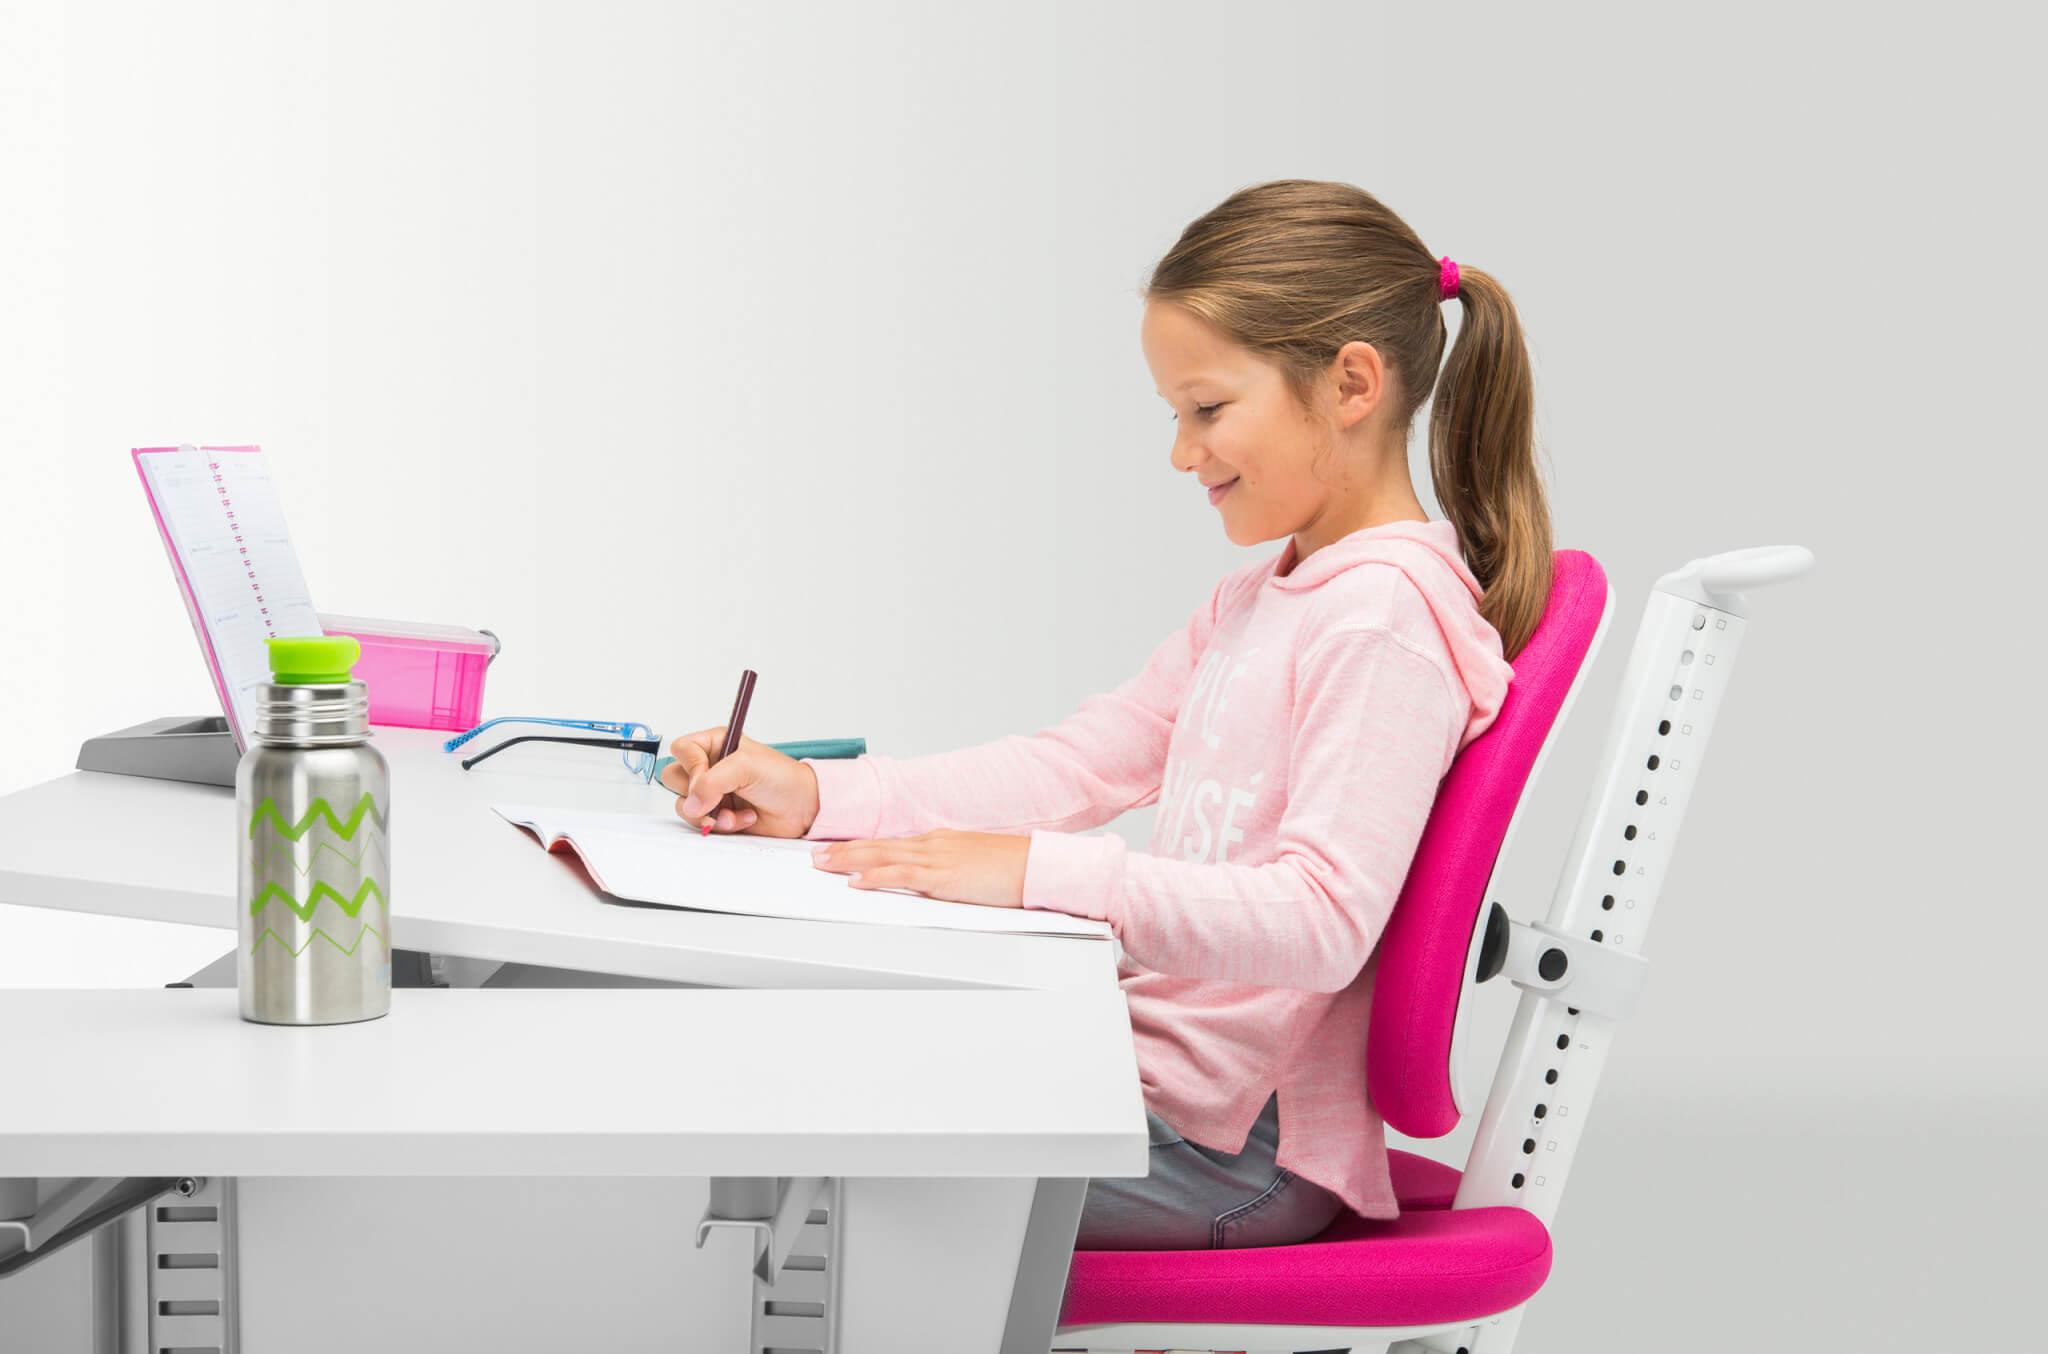 Moll Tisch u Stuhl Karussel 3